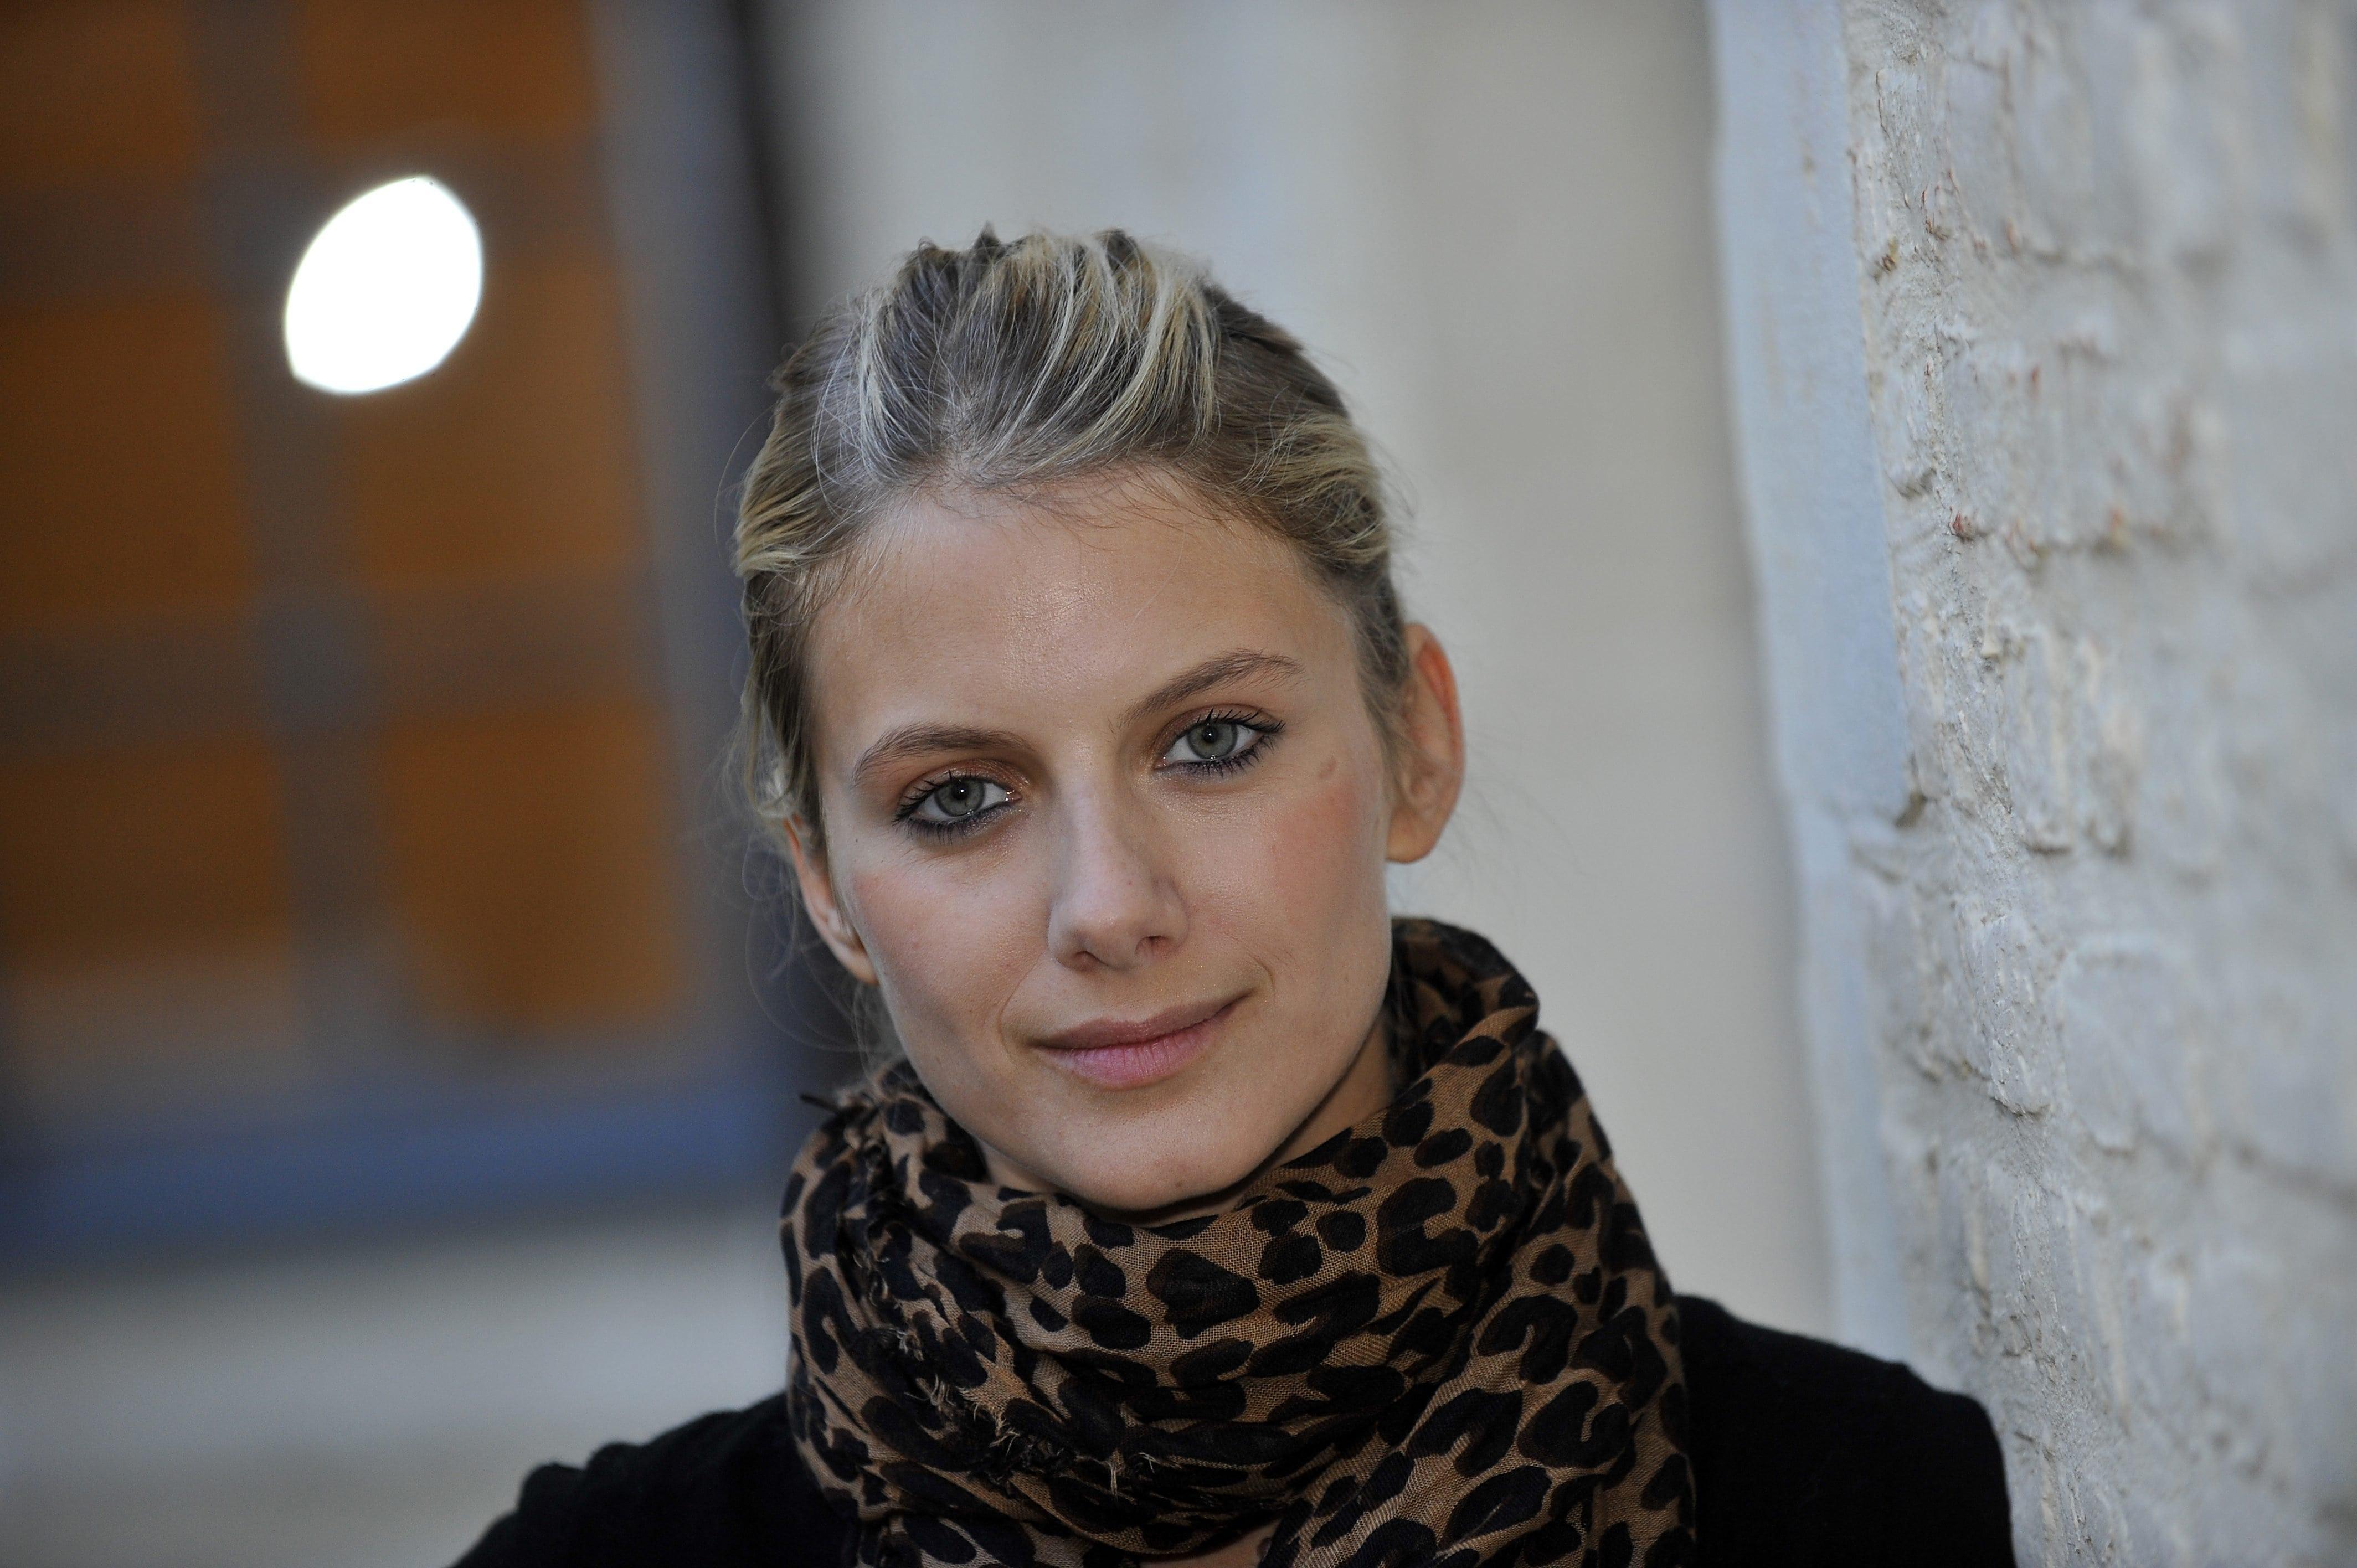 Melanie Laurent Backgrounds